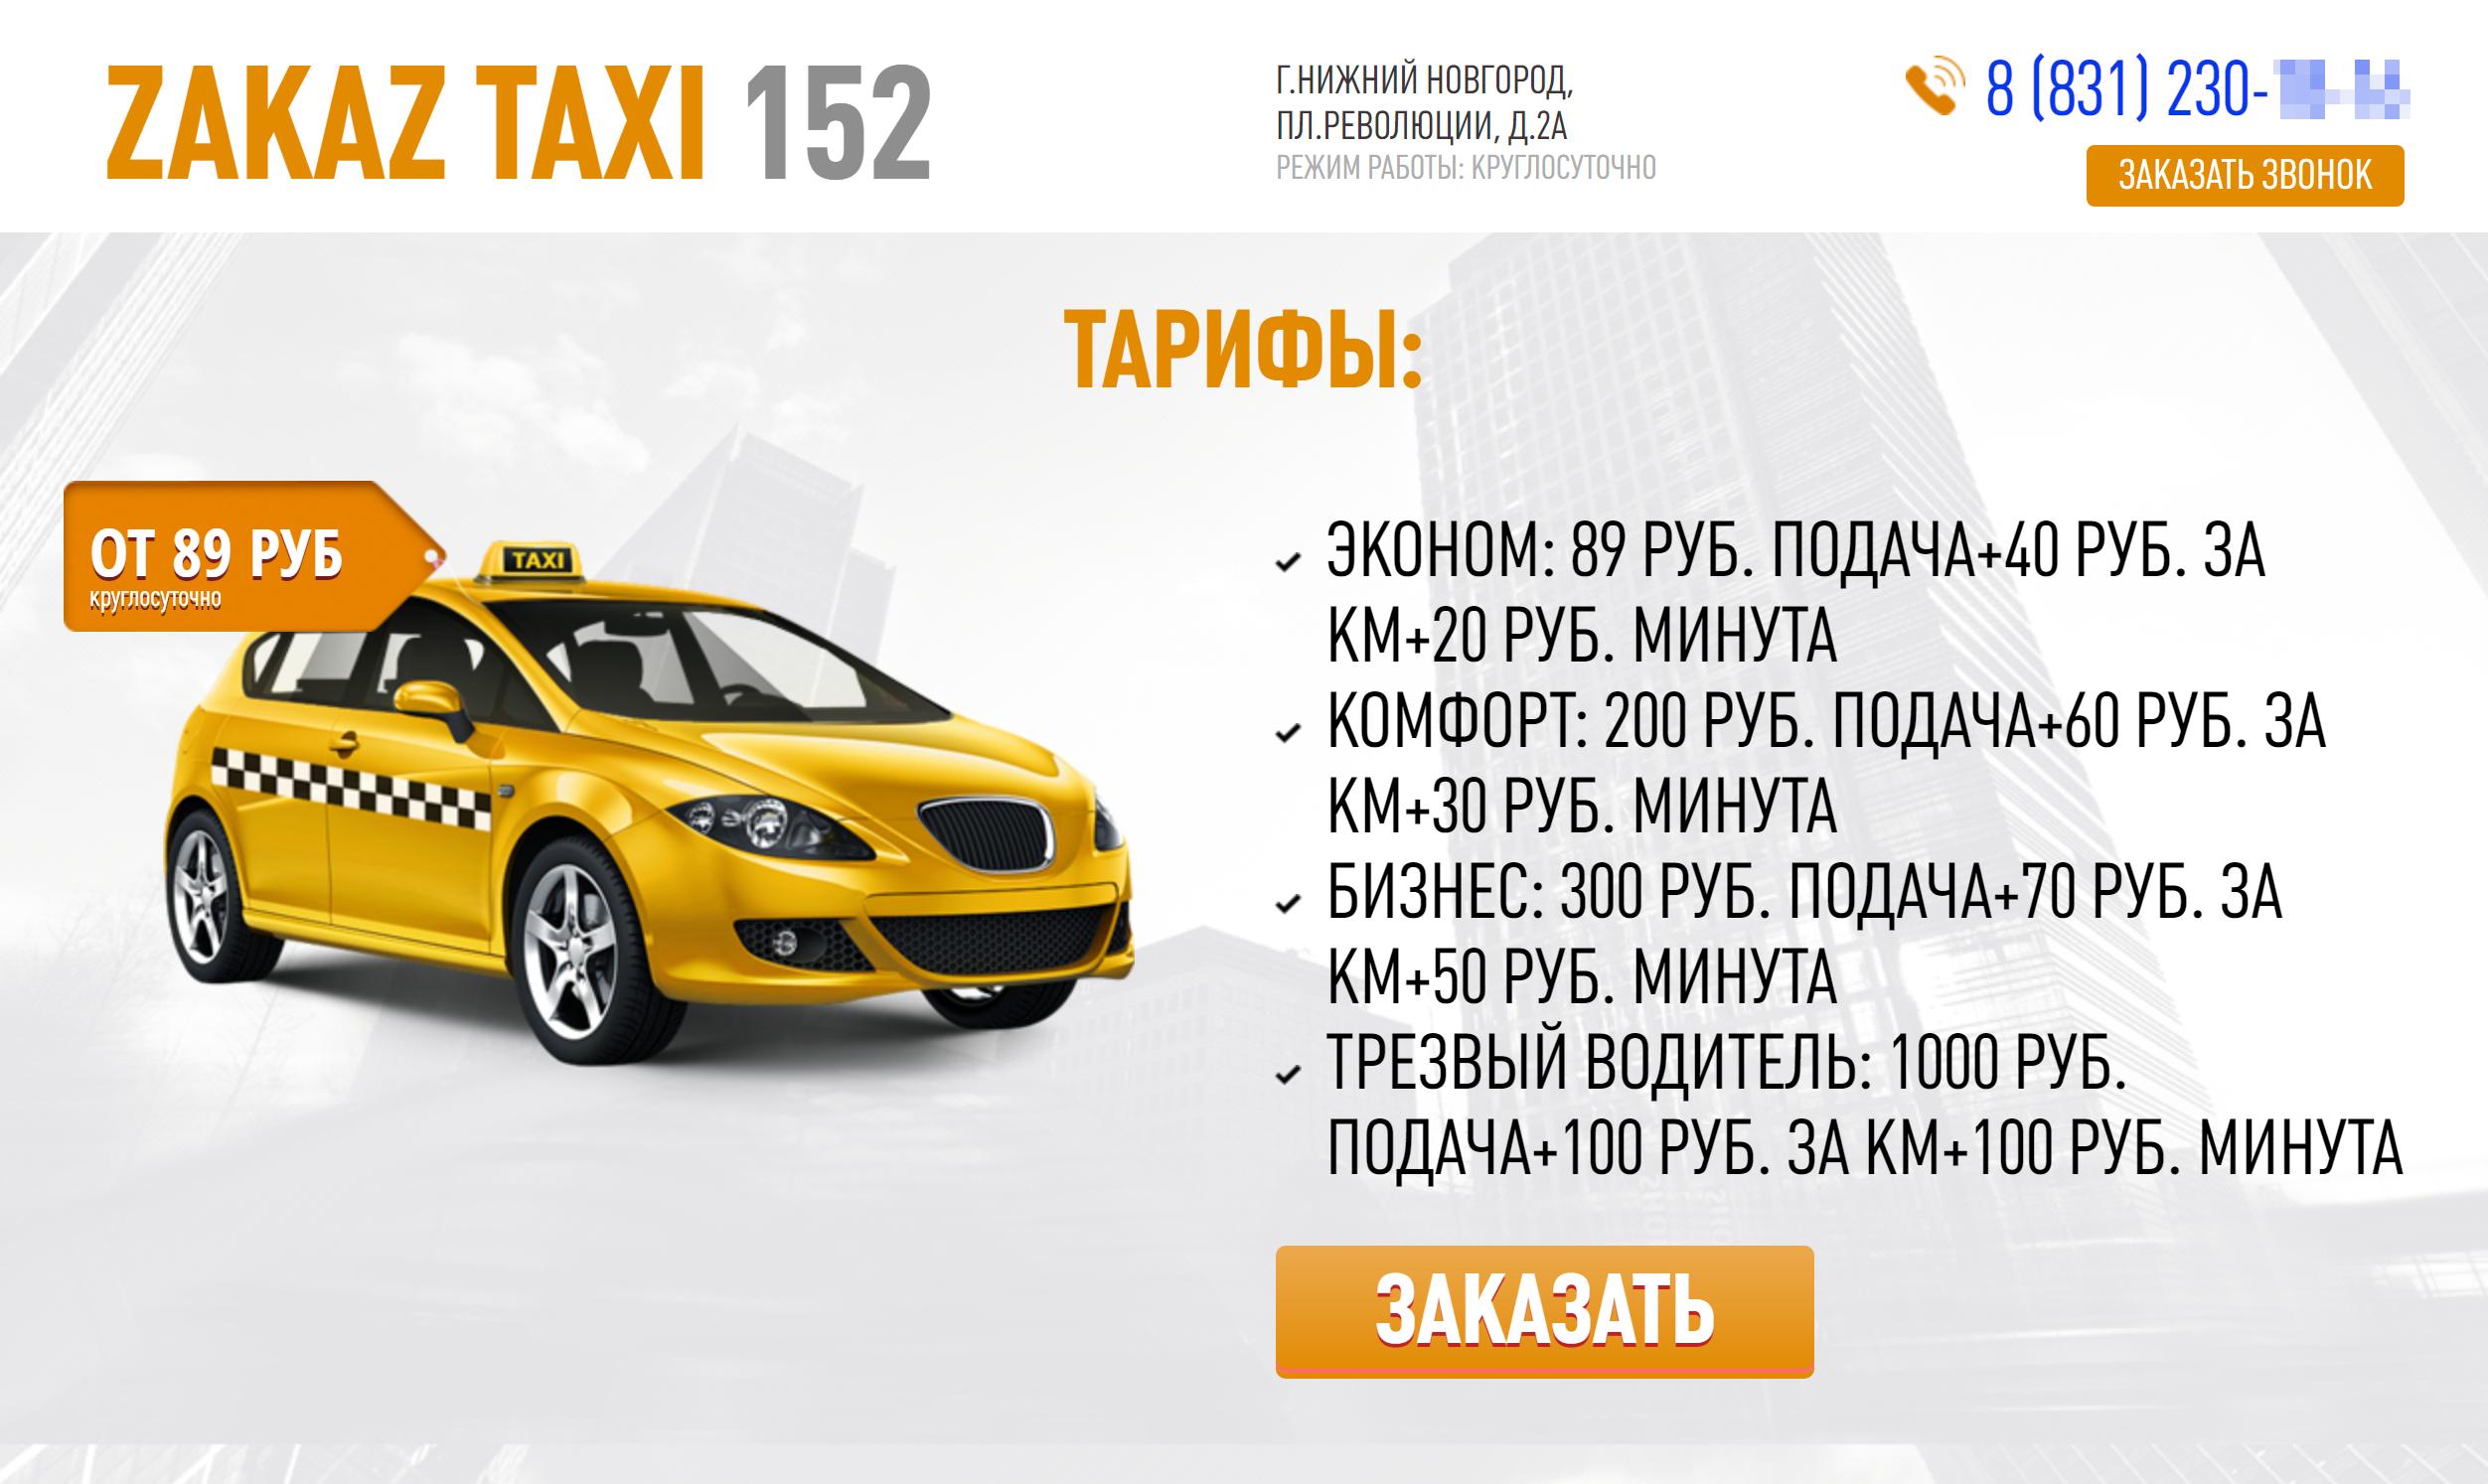 Один из клонов сайта, гдеколлега заказывала такси. Отличаются только цвета иназвание